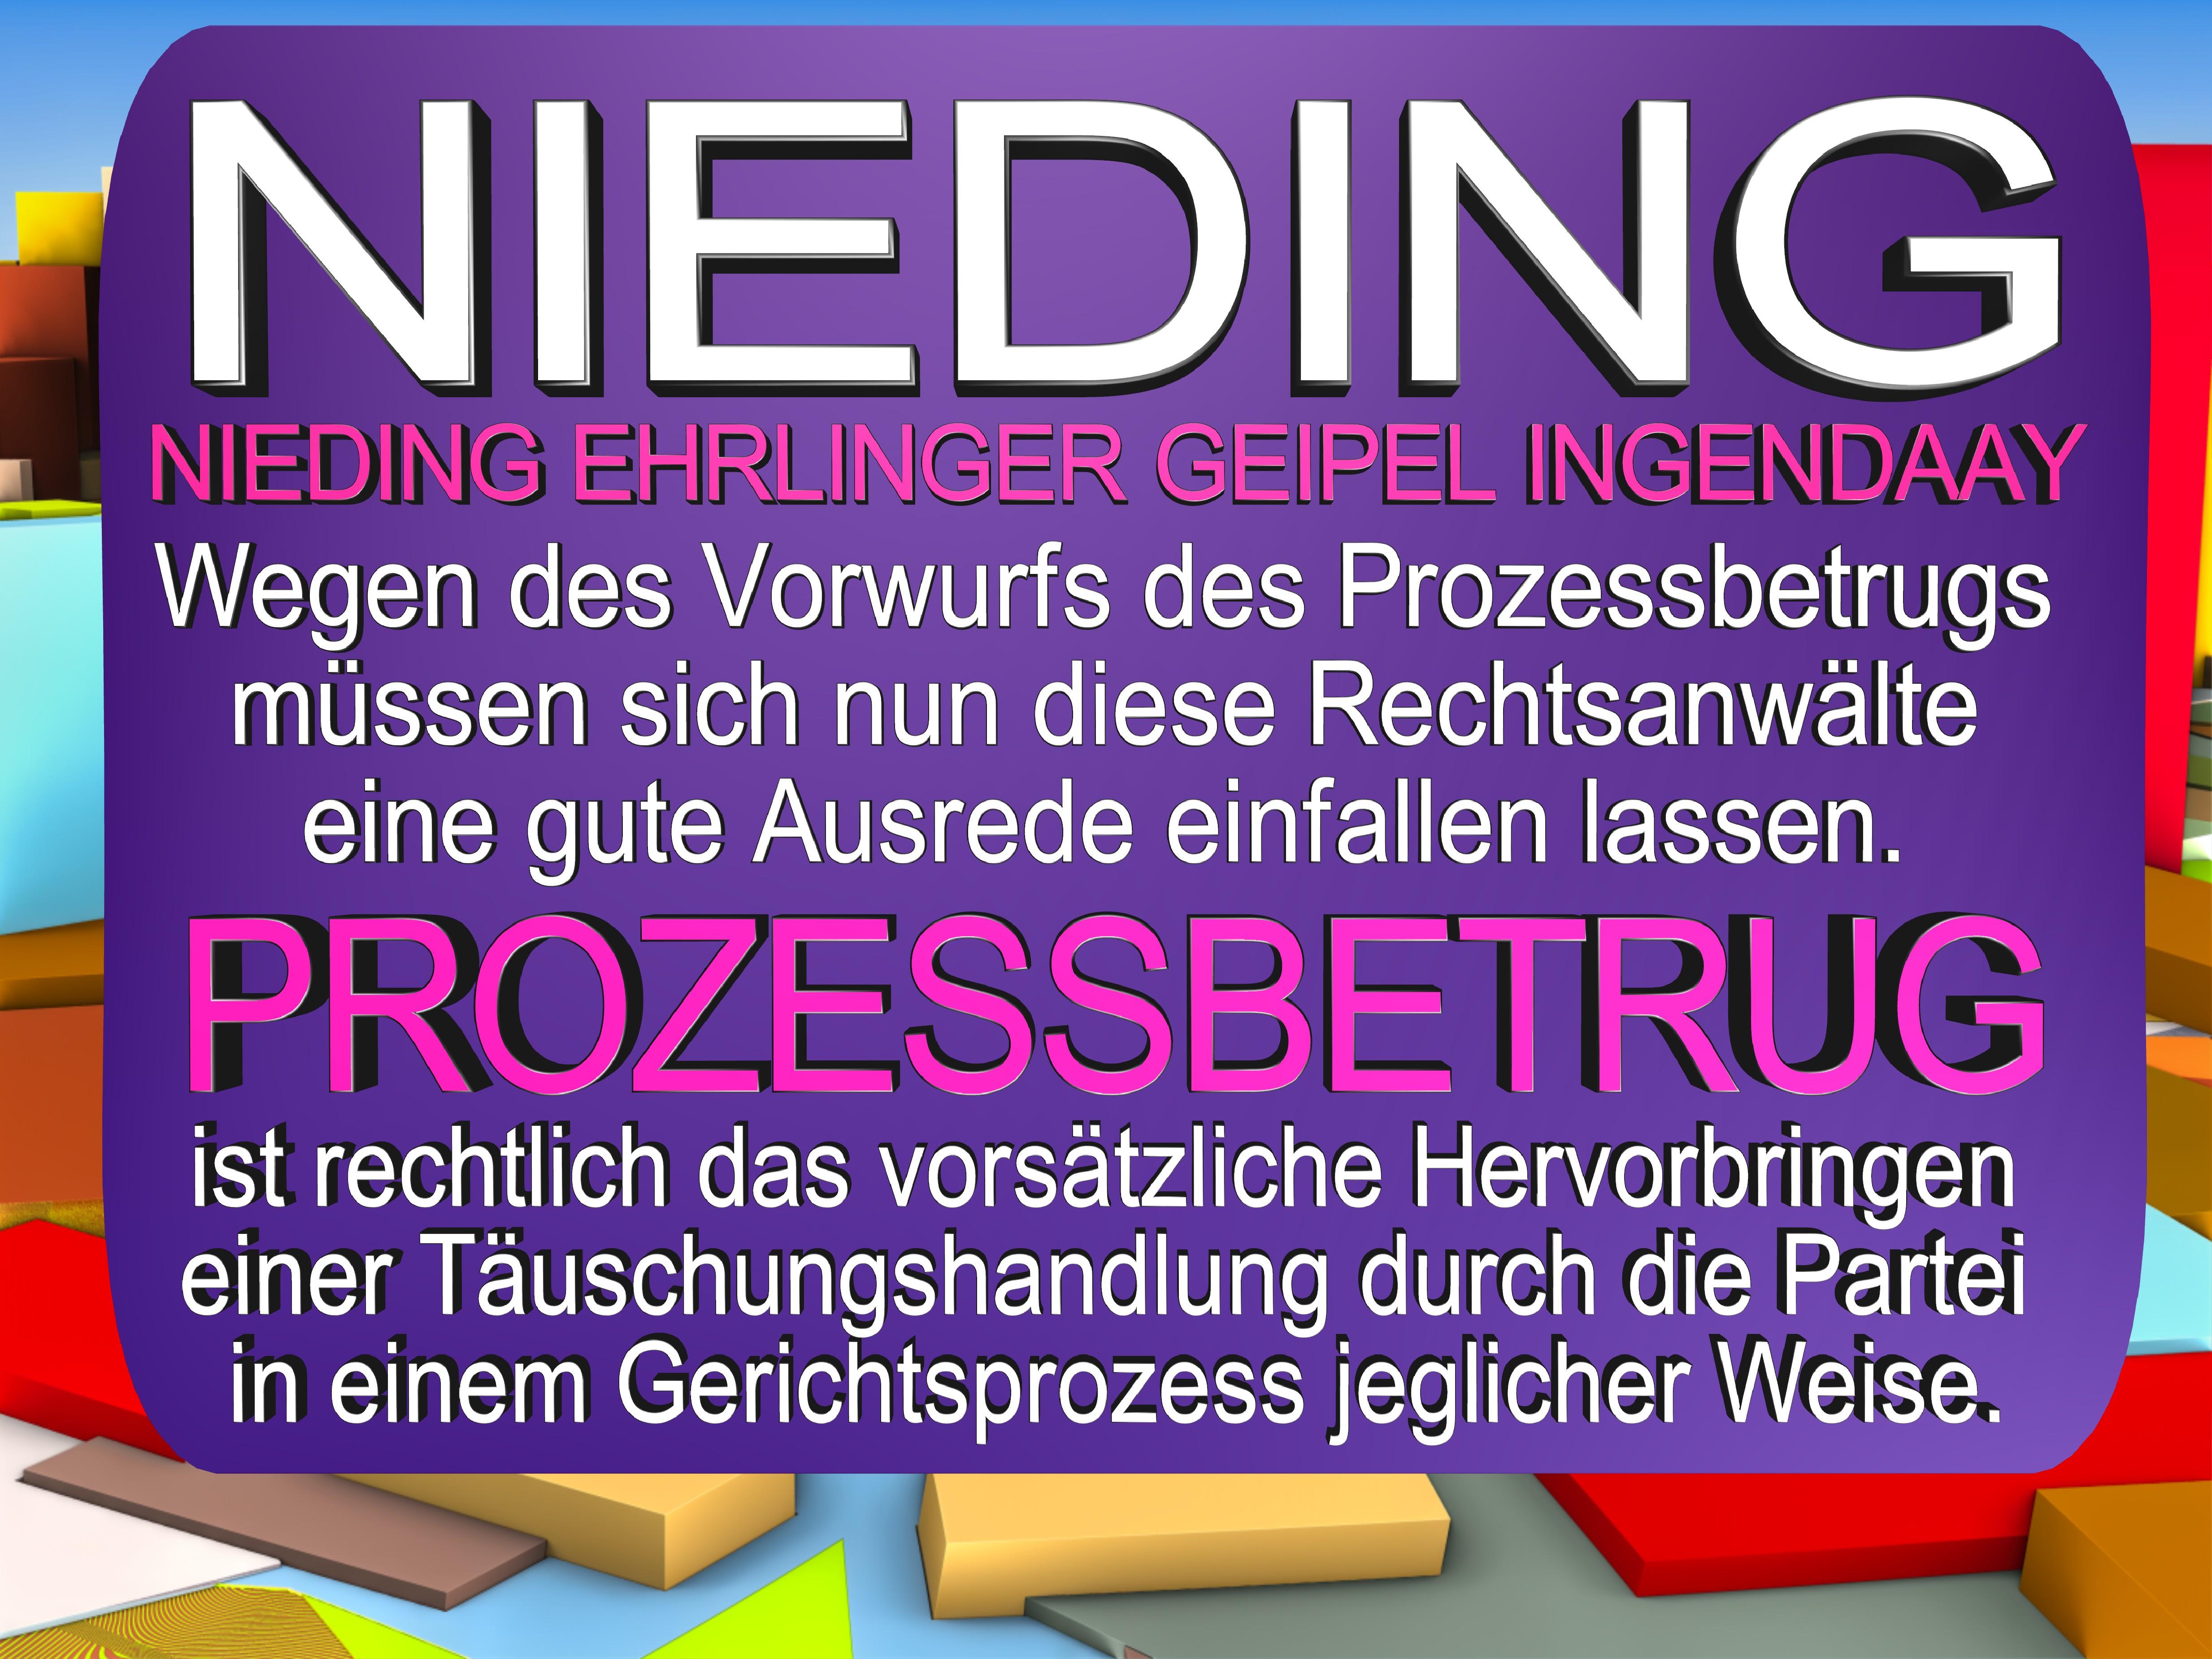 NIEDING EHRLINGER GEIPEL INGENDAAY LELKE Kurfürstendamm 66 Berlin (116)